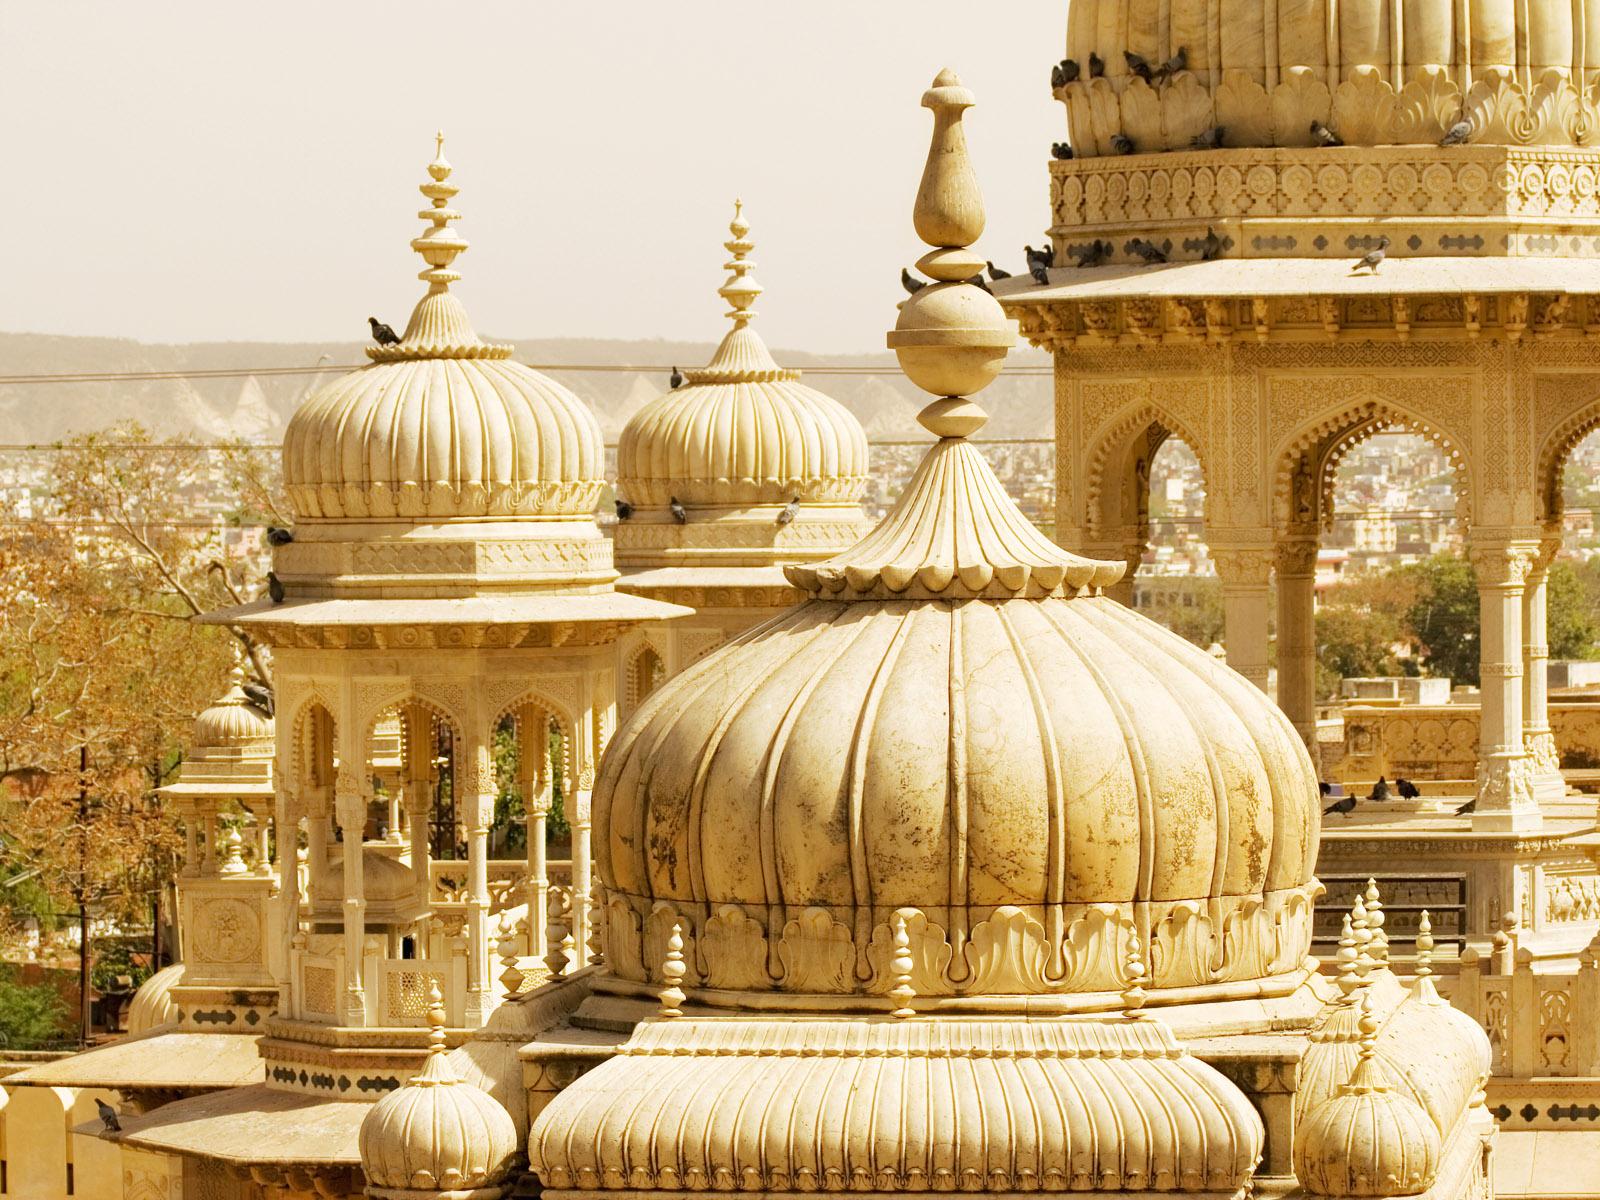 印度建筑写真欣赏